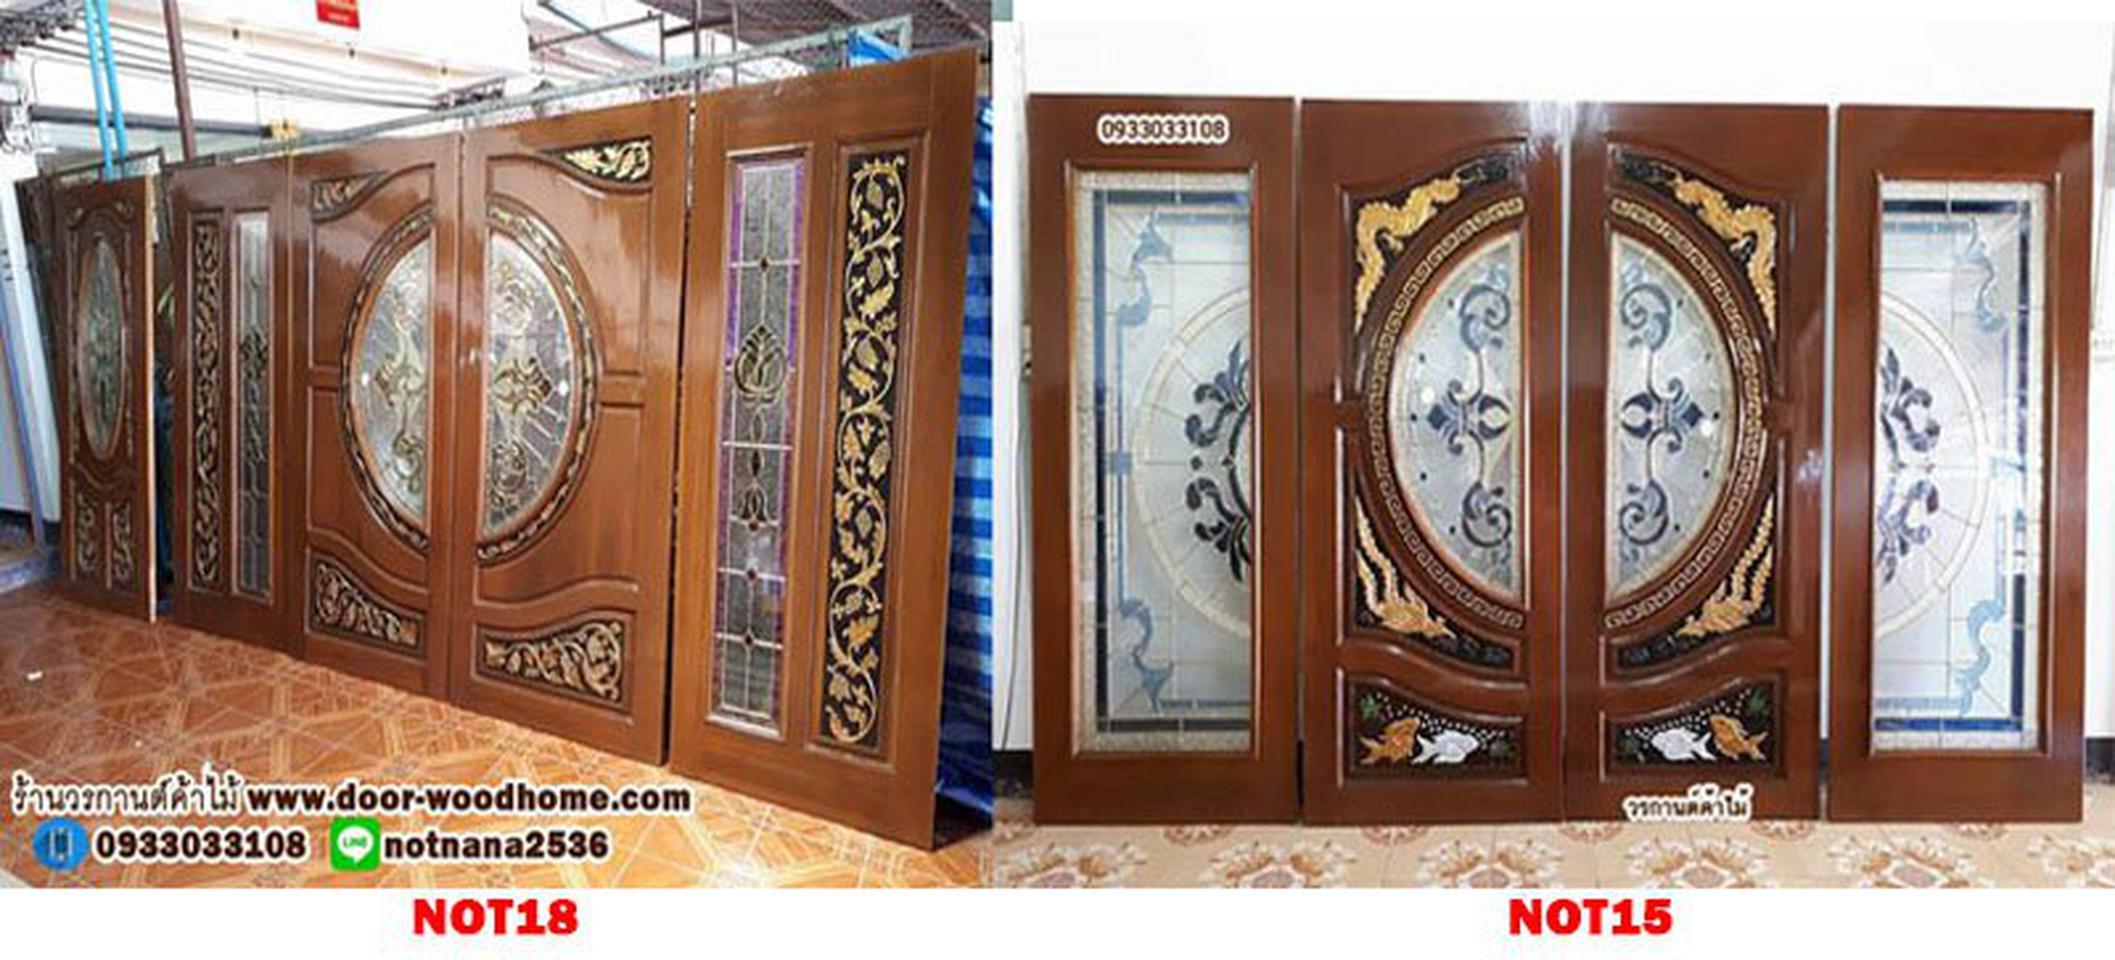 door-woodhome.com ประตูไม้สักกระจกนิรภัย,ประตูไม้สักโมเดิร์น, ประตูไม้สักบานเลื่อน, ประตูหน้าต่างไม้สัก รูปที่ 3